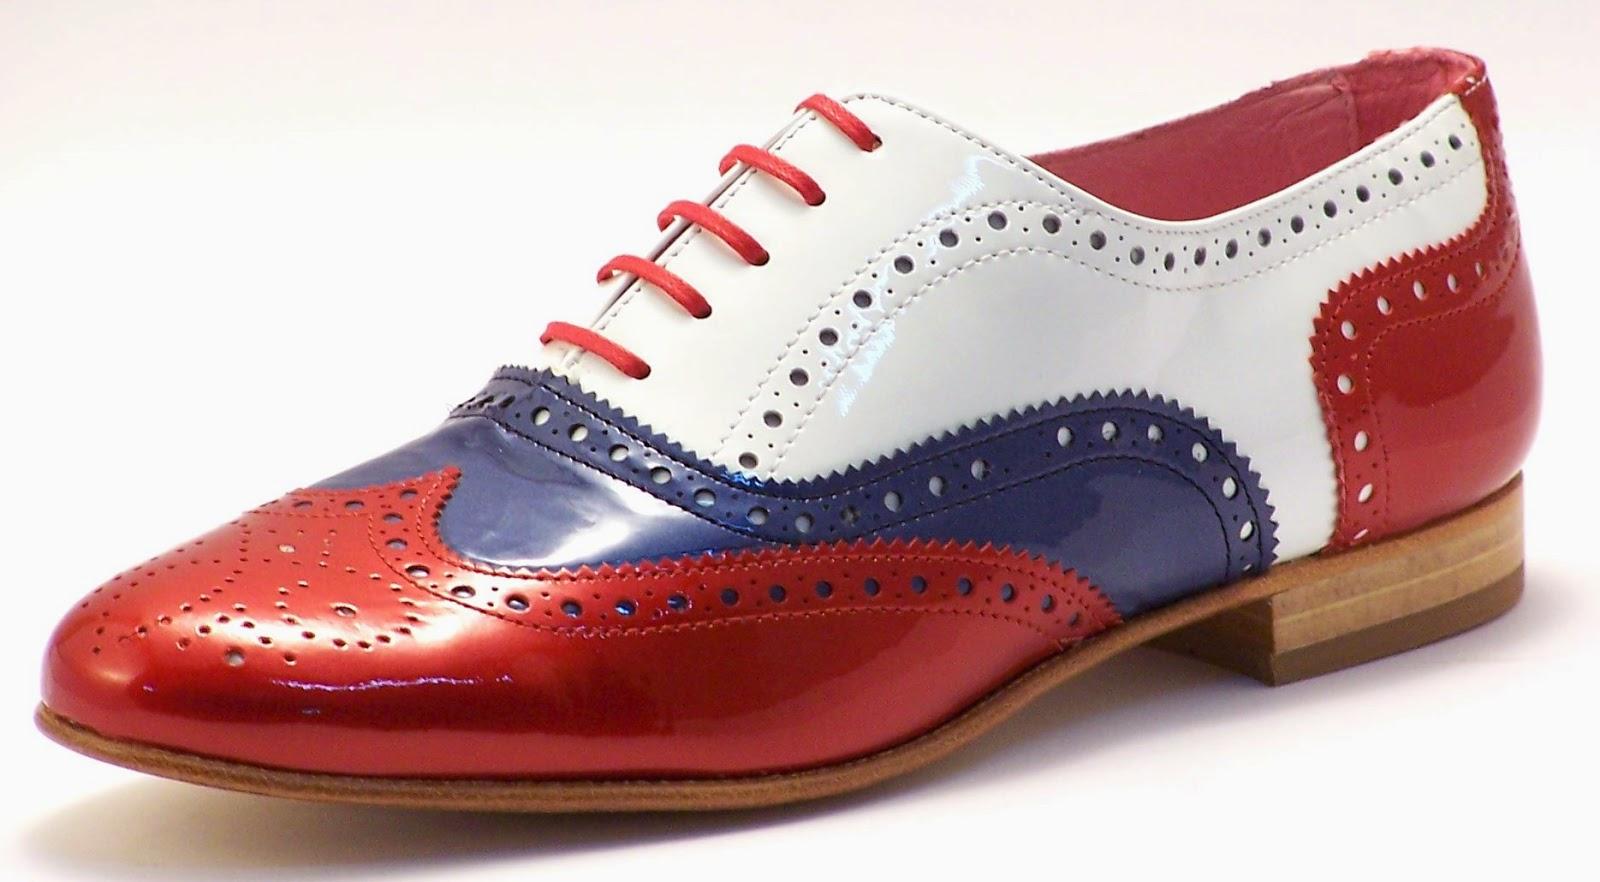 tubolari zapatos zapatos zapatos tubolari tubolari hombre hombre zapatos hombre zapatos hombre tubolari vmNn0w8